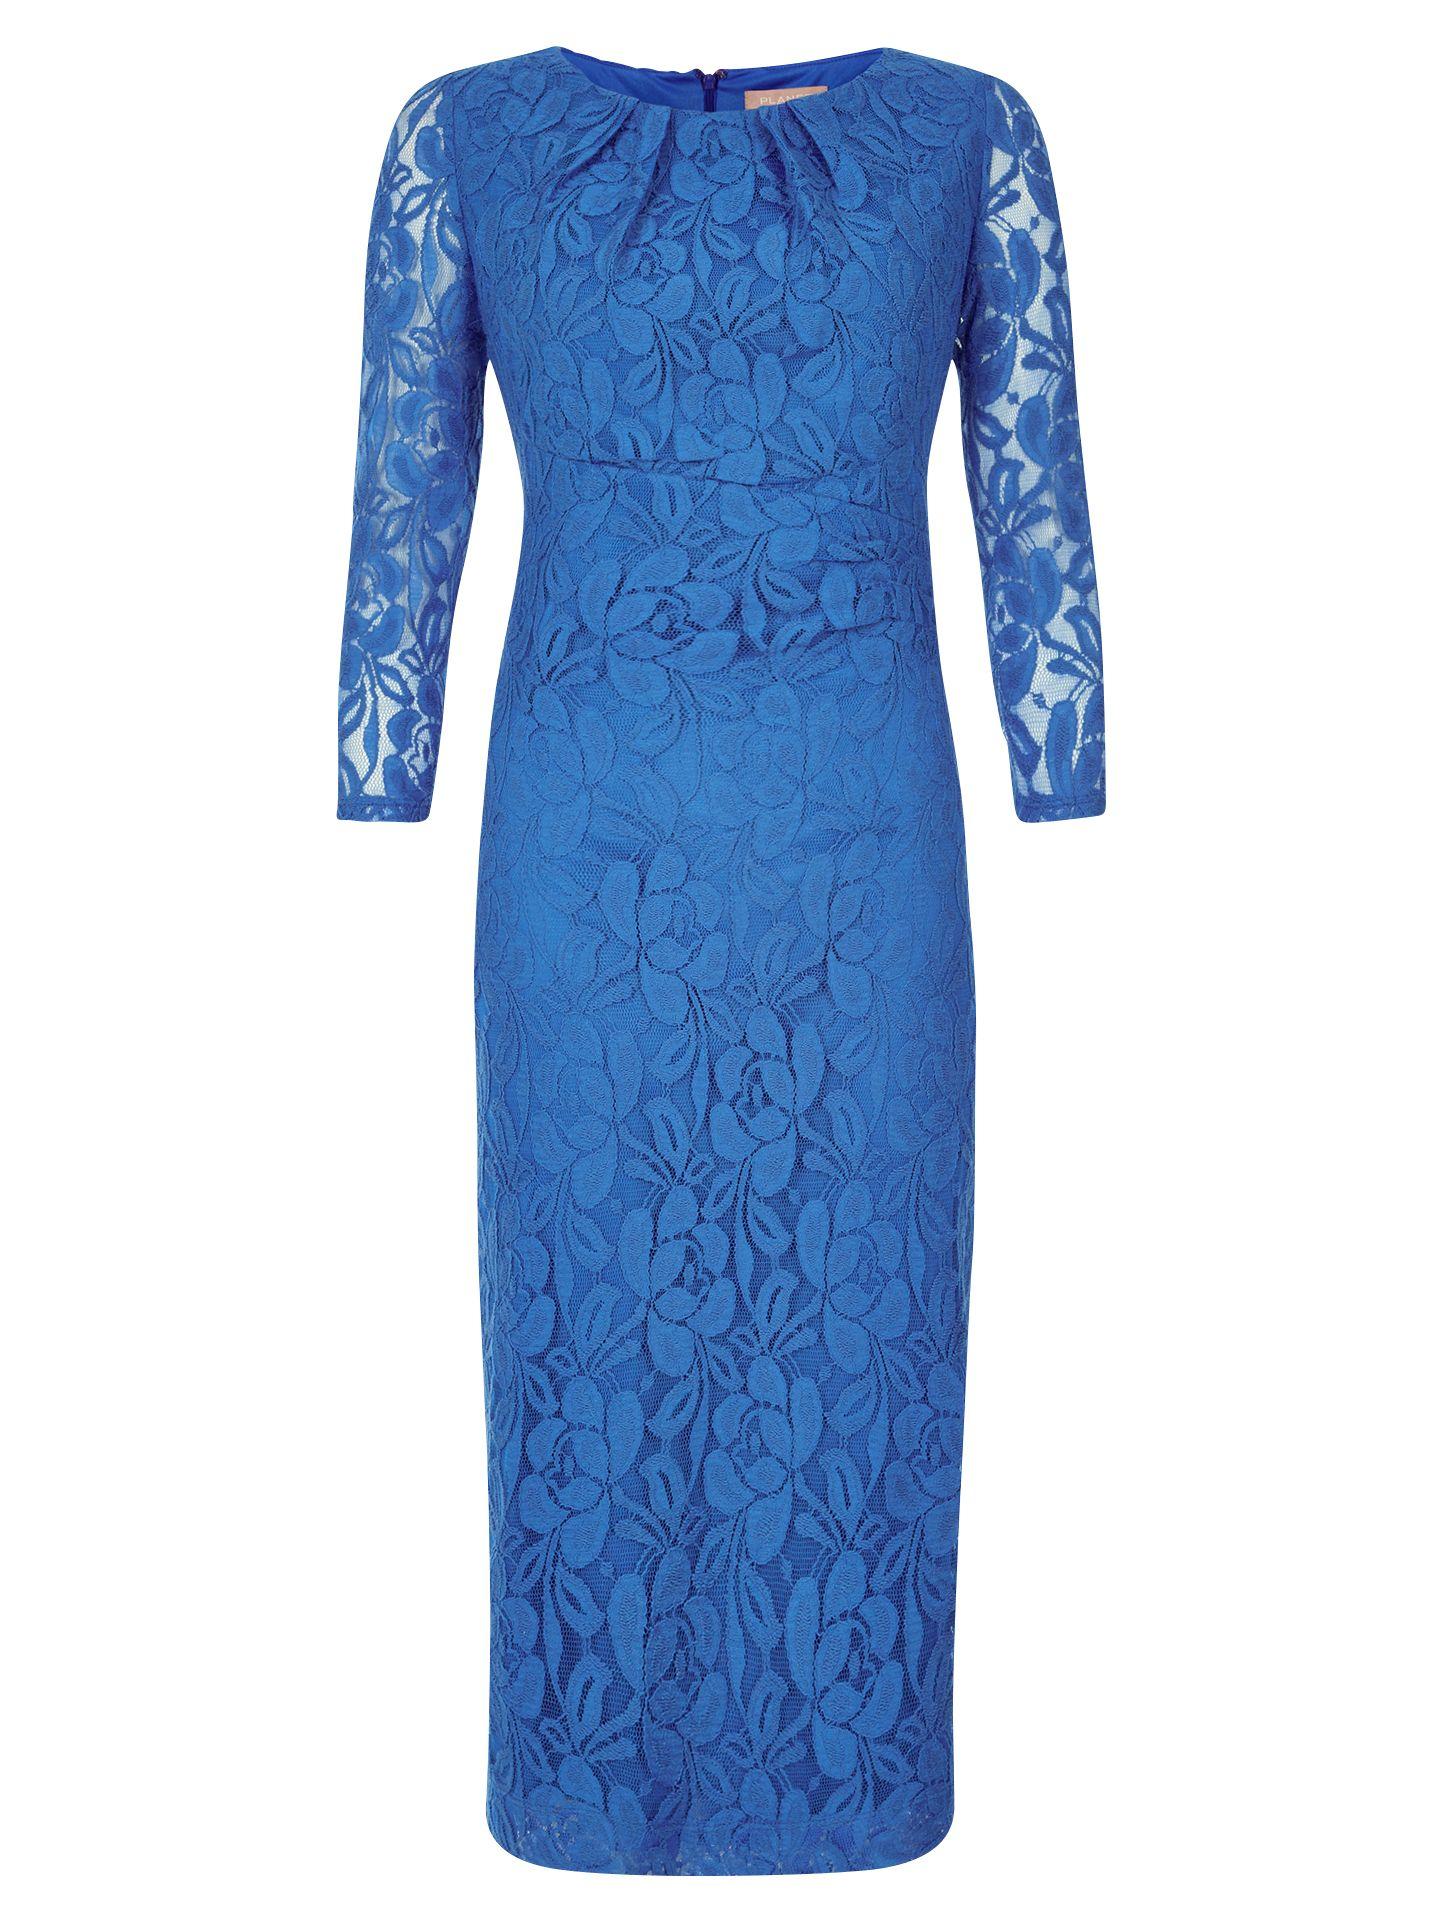 planet pleat lace dress cornflower blue, planet, pleat, lace, dress, cornflower, blue, 10|12|18|14|16|8|20, women, plus size, womens dresses, 1897217